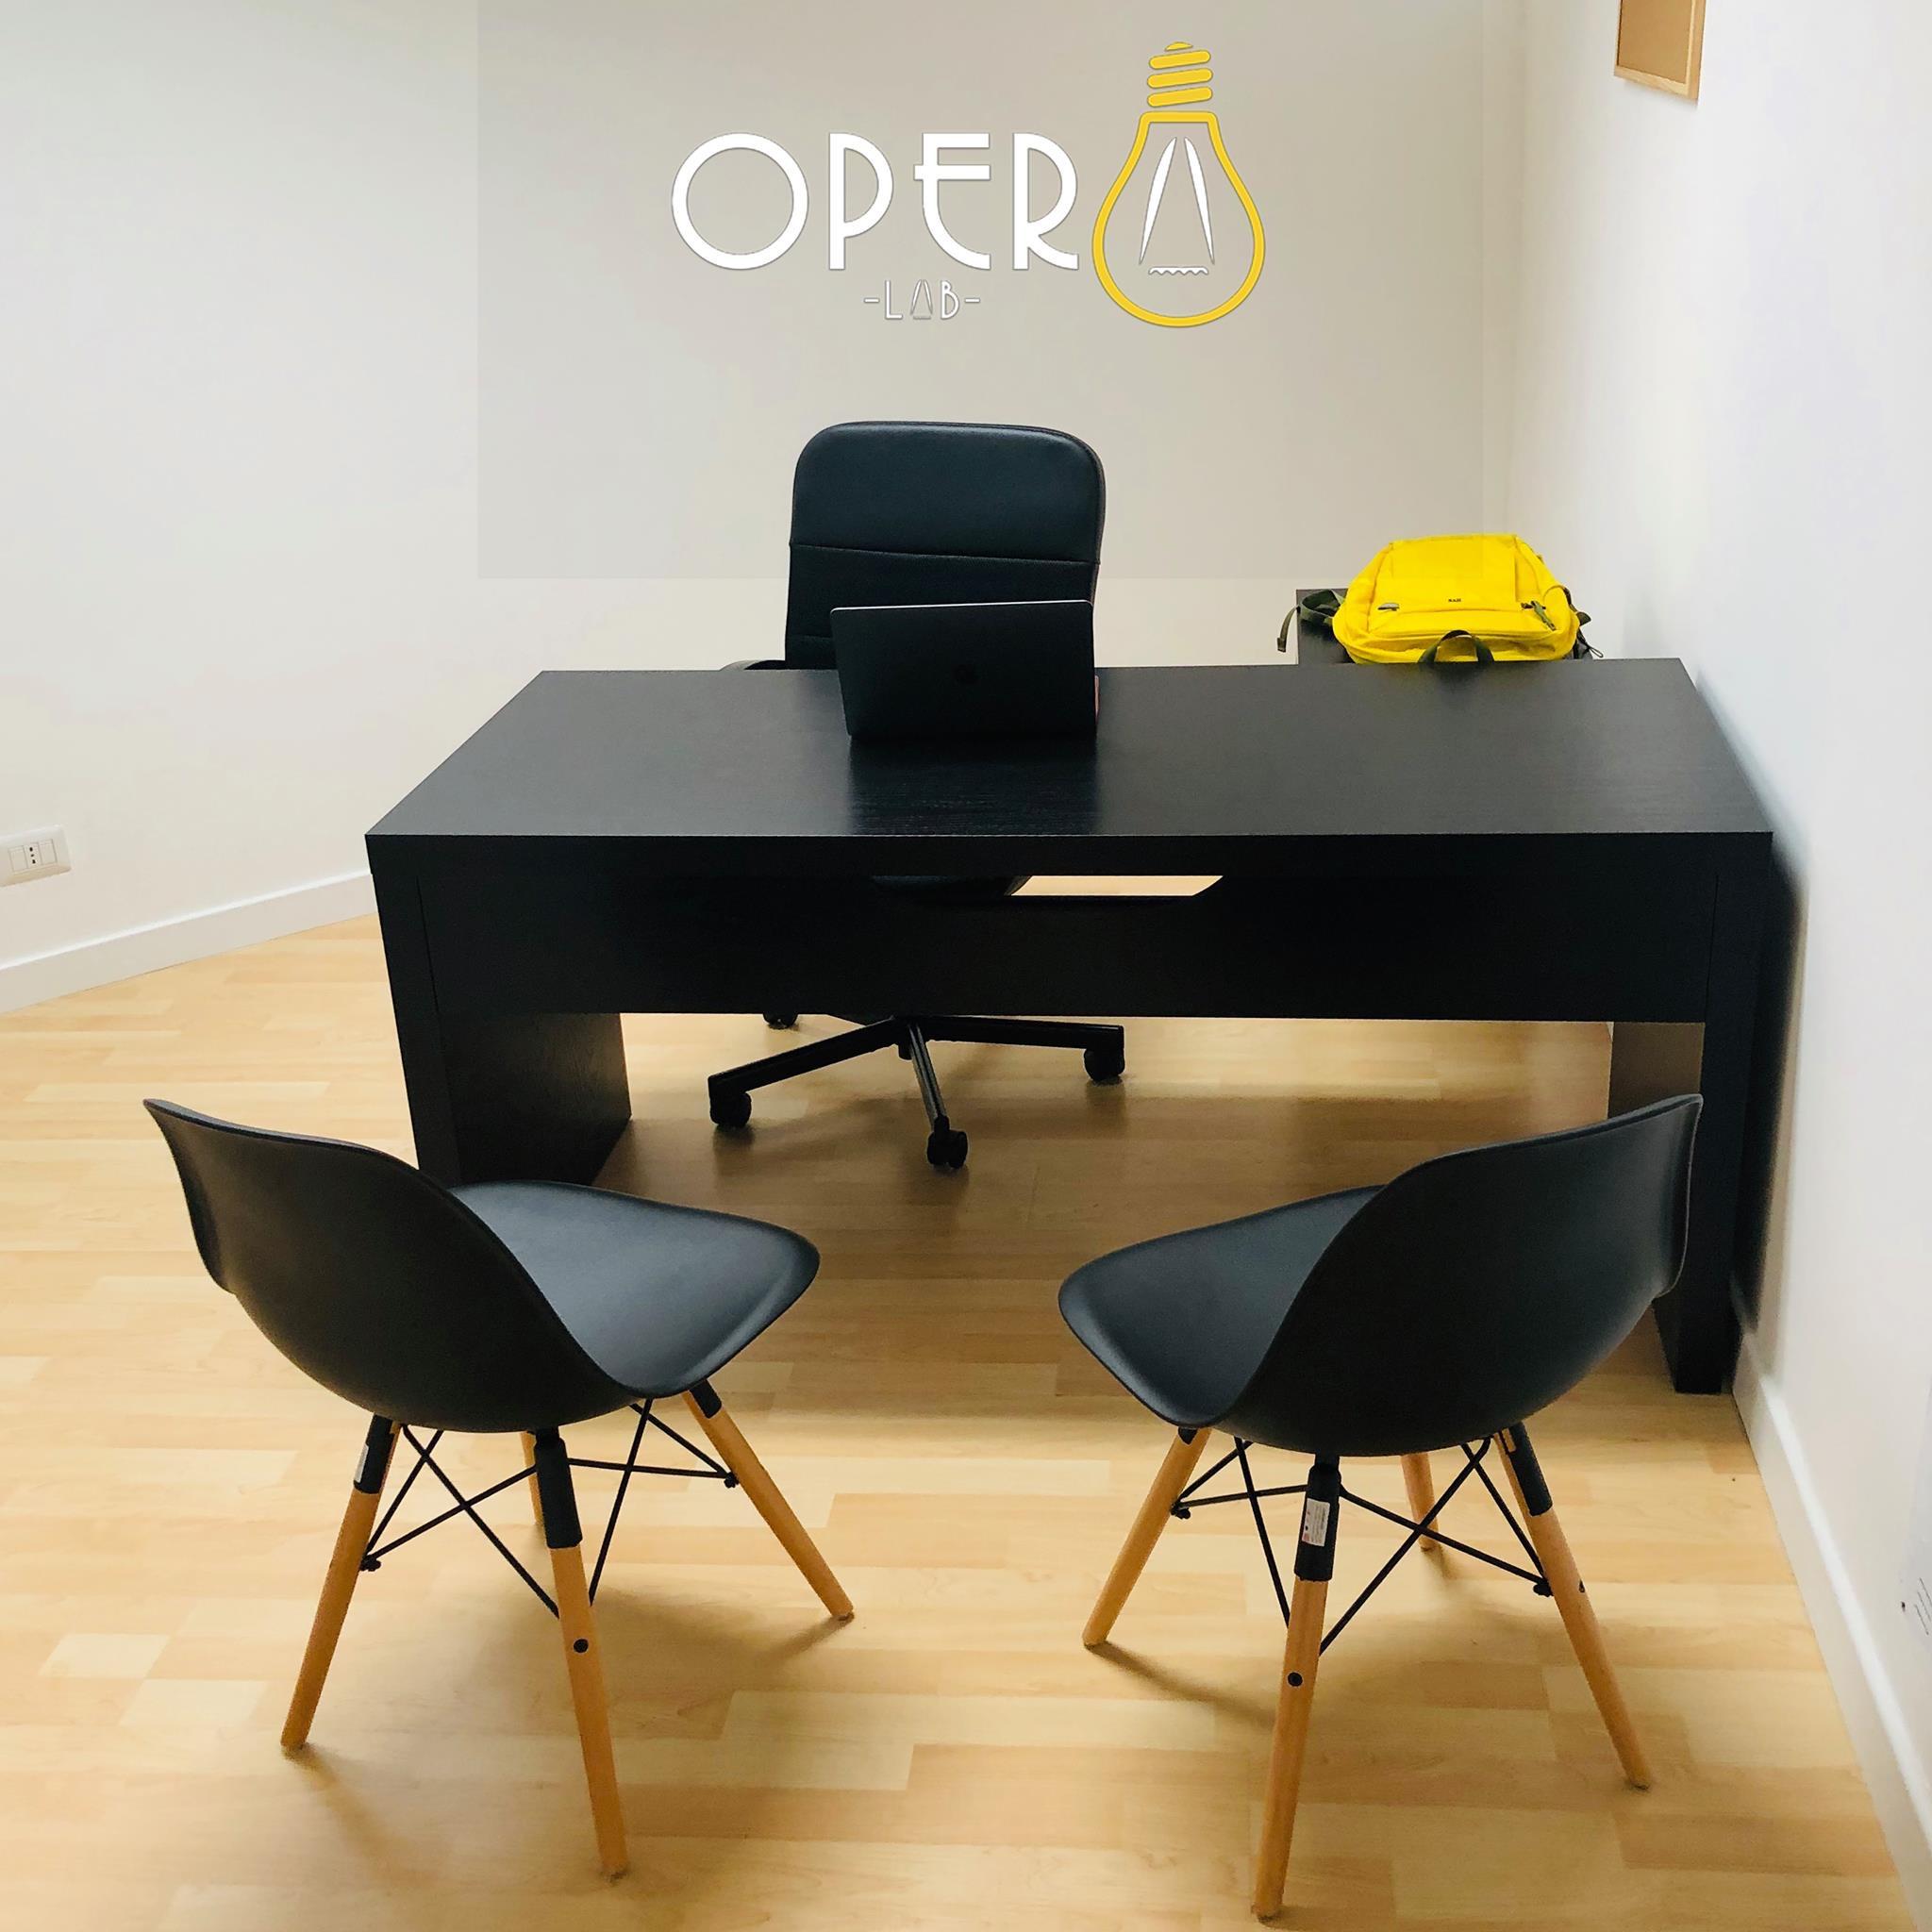 Opera Lab, Gioia Del Colle